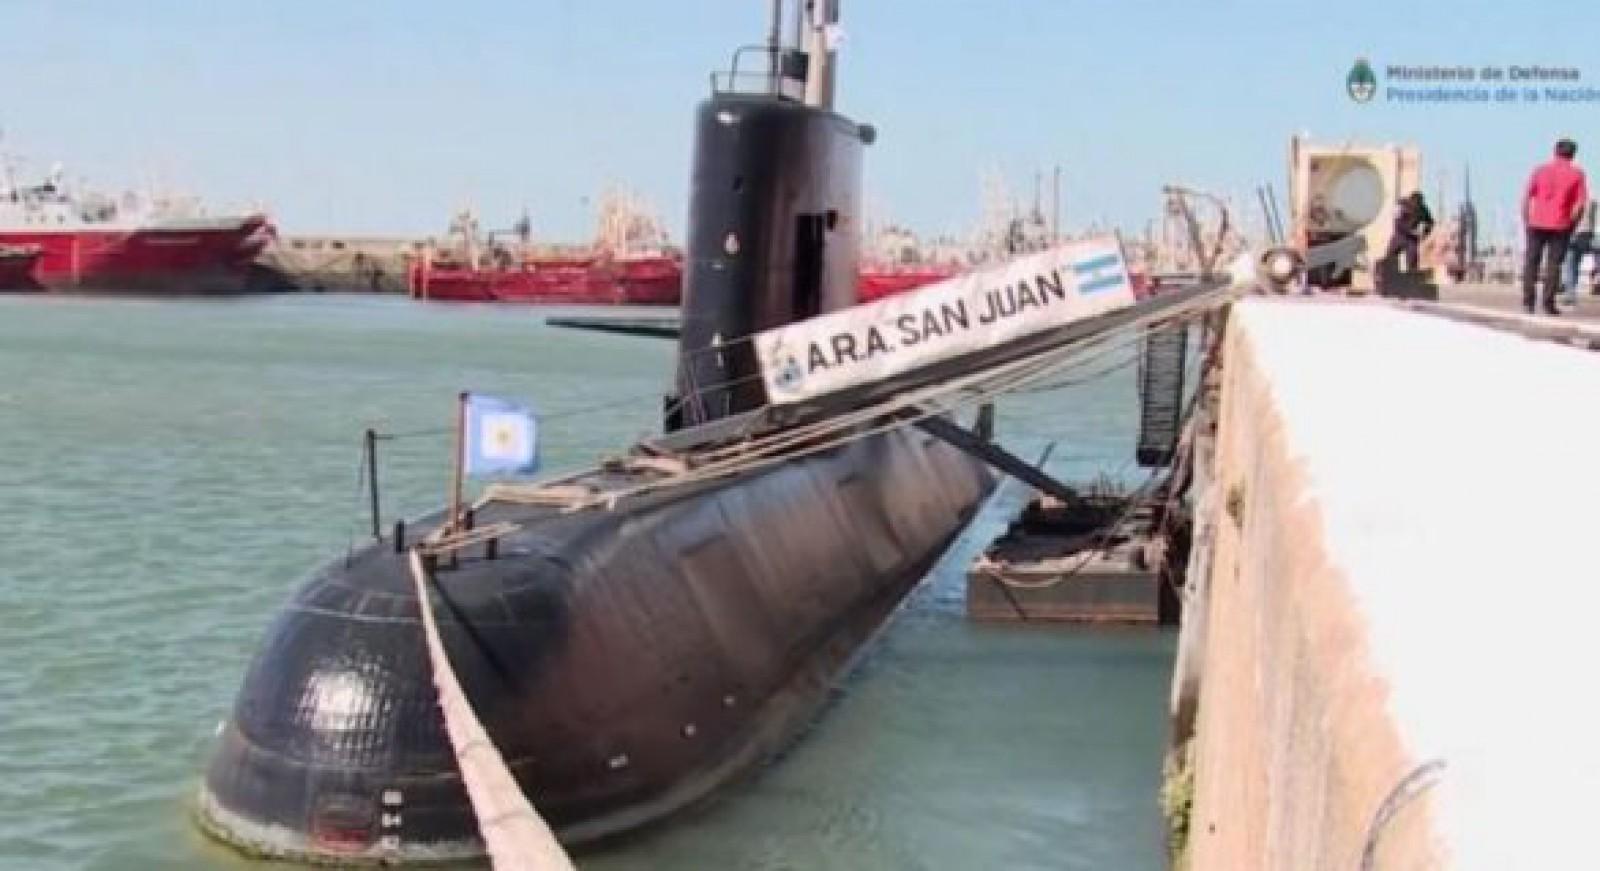 Suma imensă pe care este dispusă să o achite Argentina oricui va reuşi să găsească epava submarinului ARA San Juan